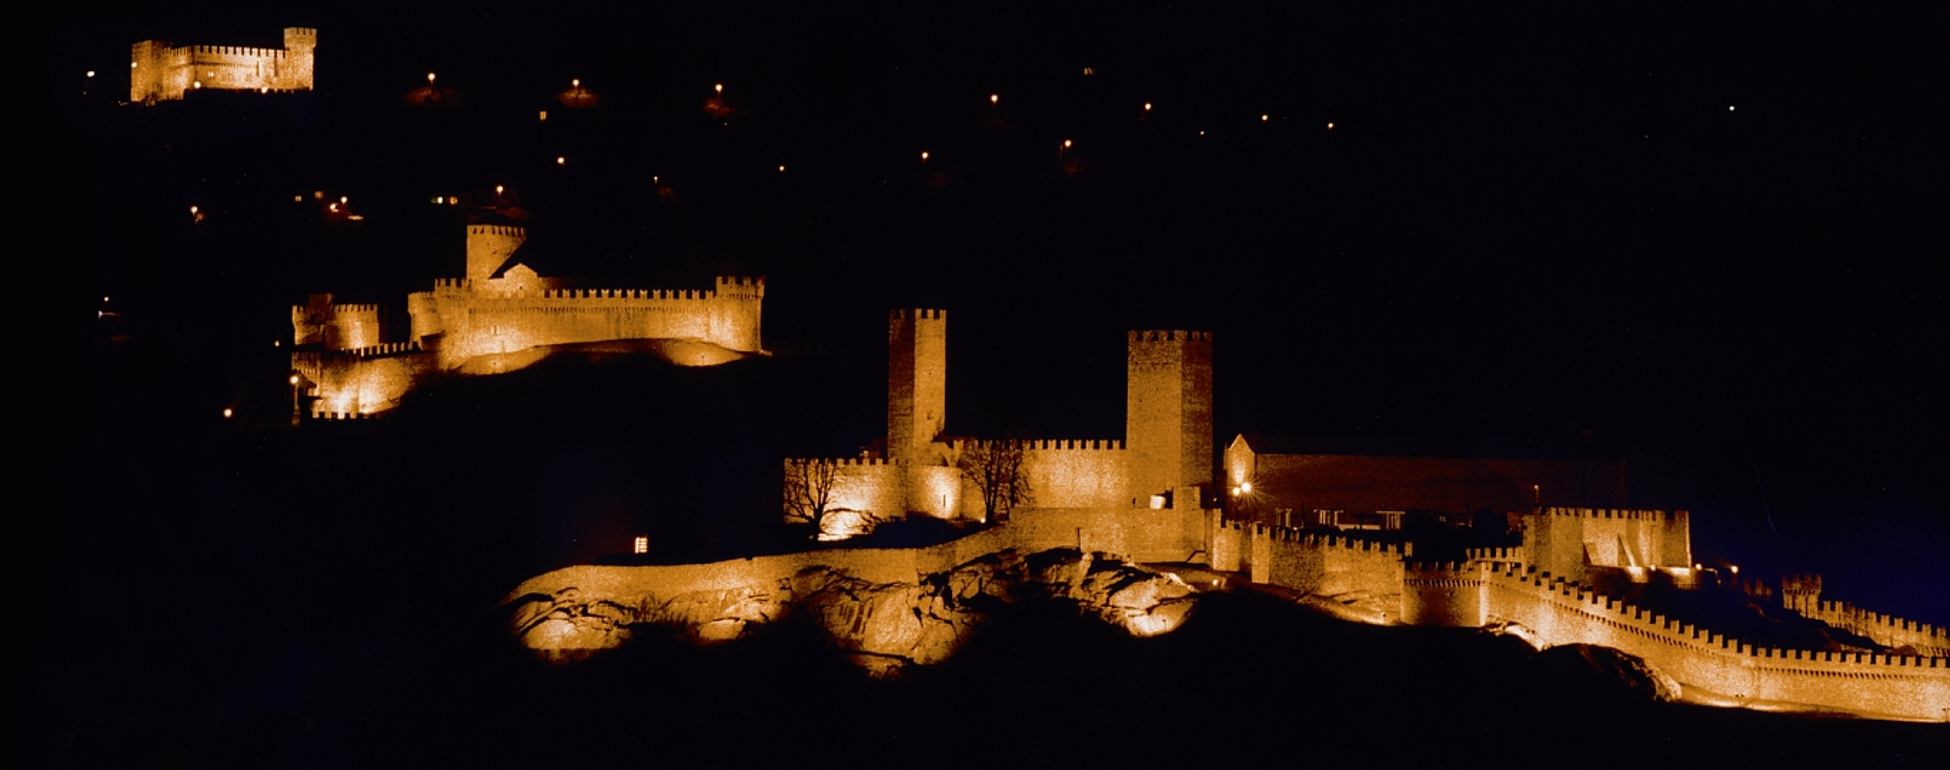 Burgen von Bellinzona